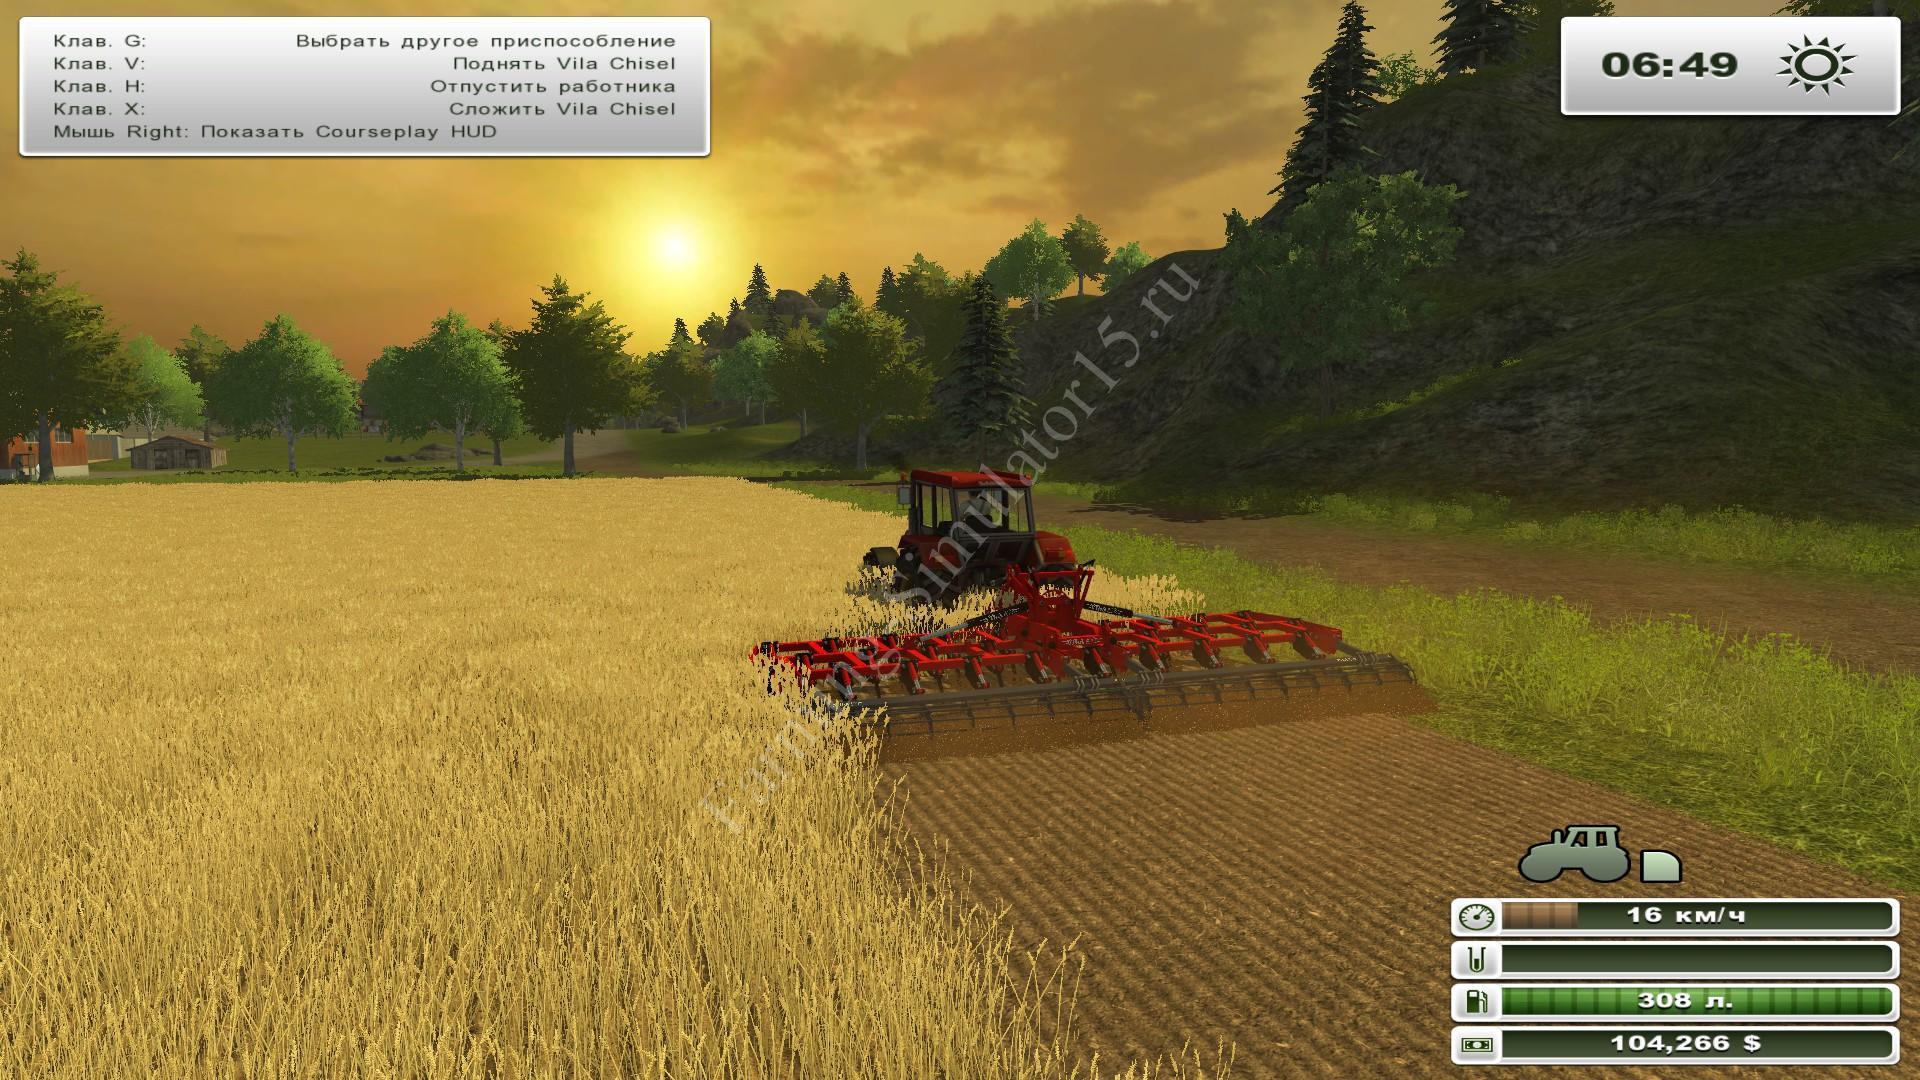 Мод культиватора Vila Chisel SXHV 30 v 1.0 Farming Simulator 2013, Farming Simulator 13